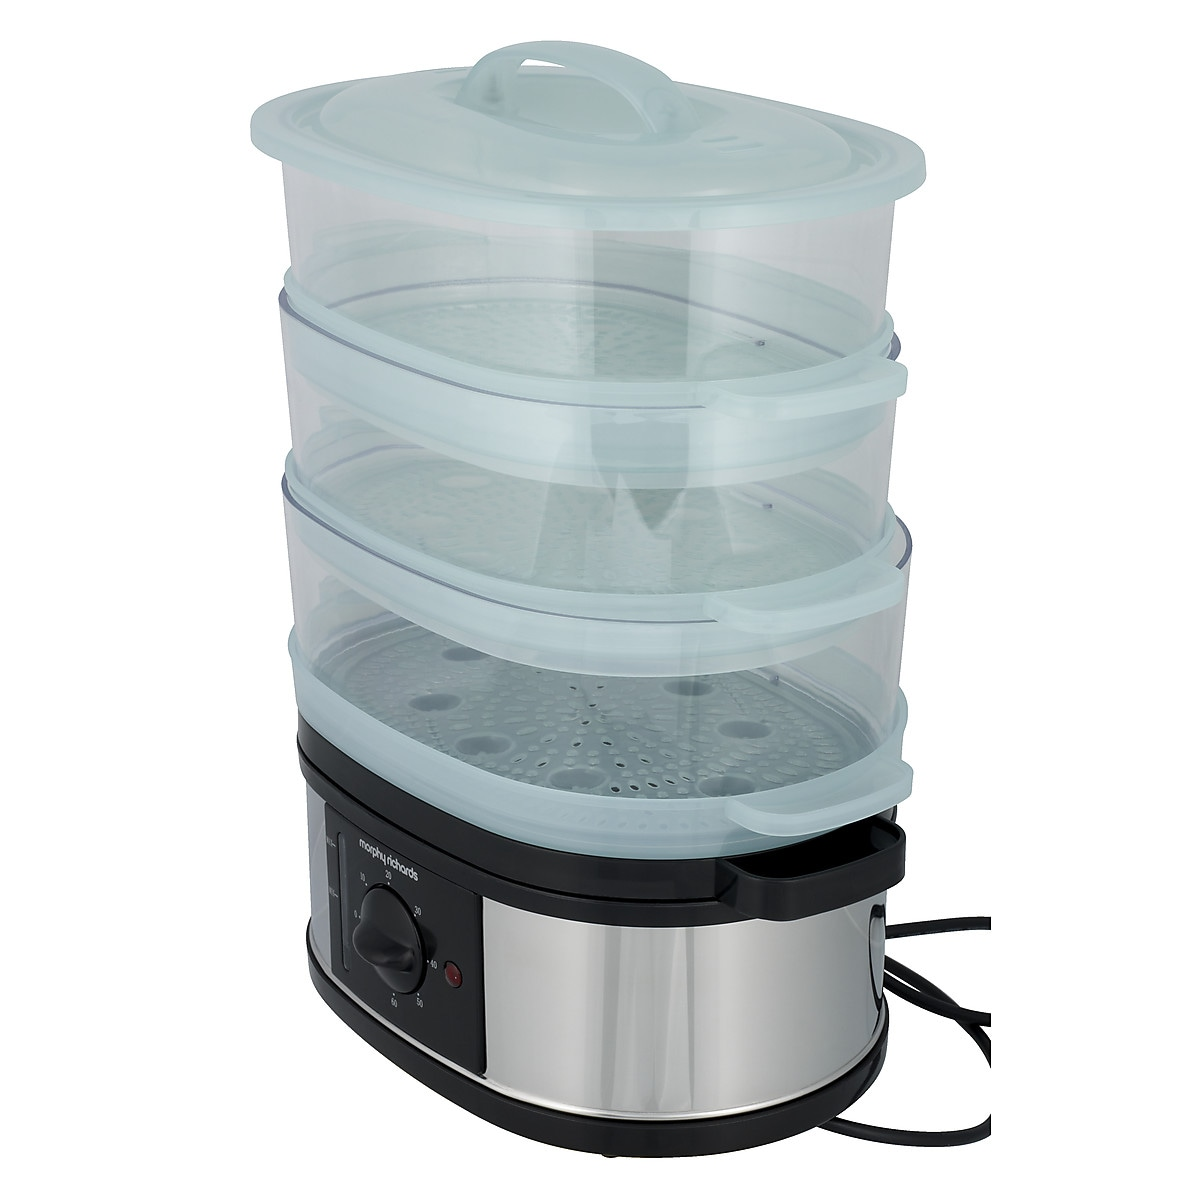 Morphy Richards 48755 Food Steamer